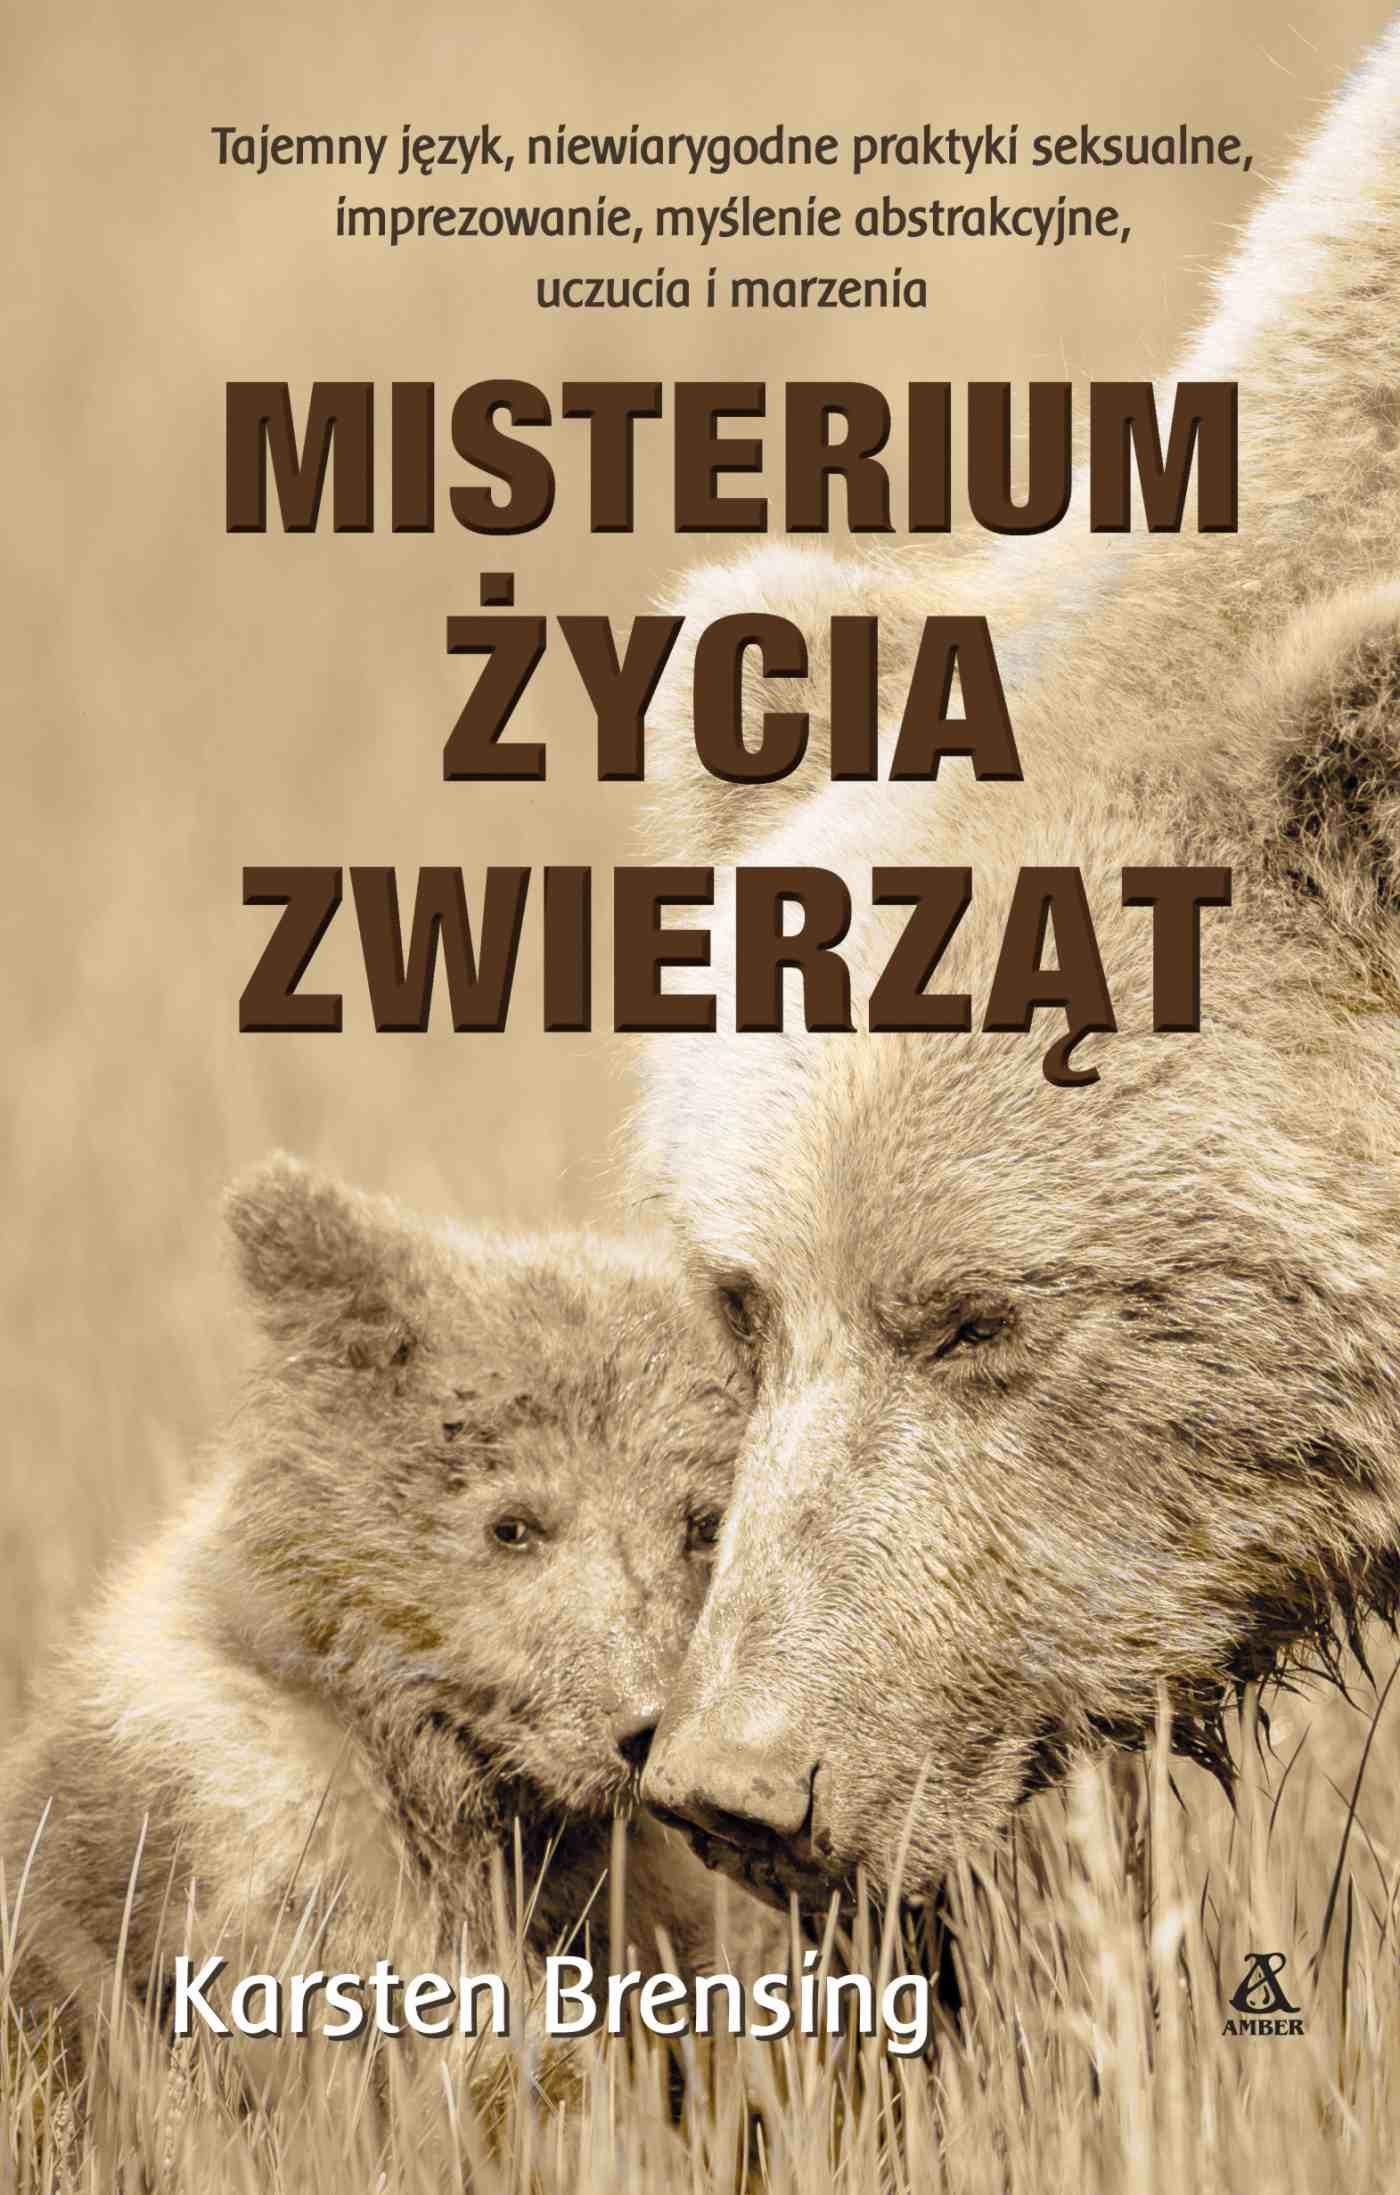 Misterium życia zwierząt - Ebook (Książka EPUB) do pobrania w formacie EPUB